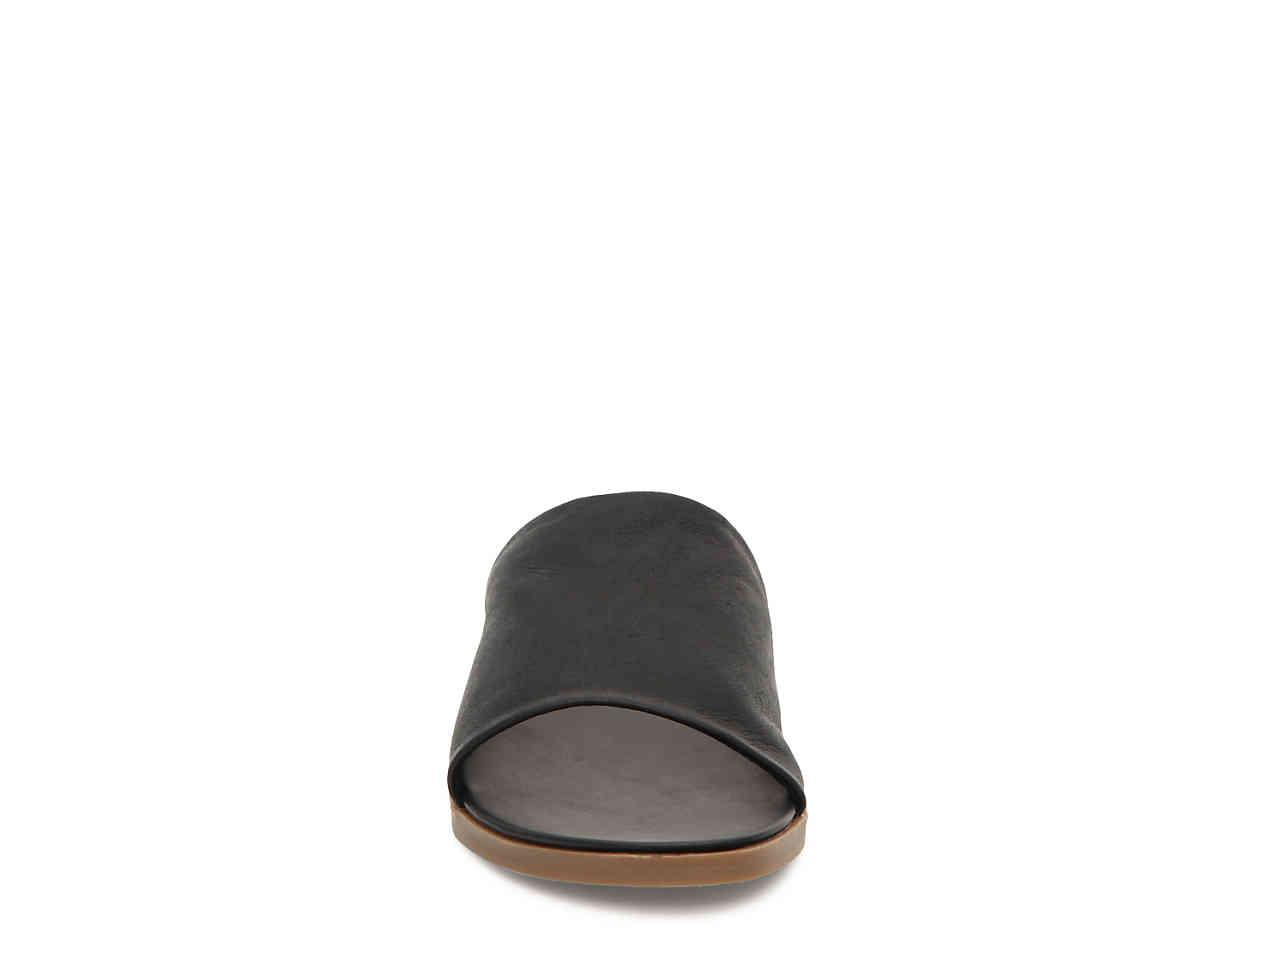 steve madden karolyn flat sandal white